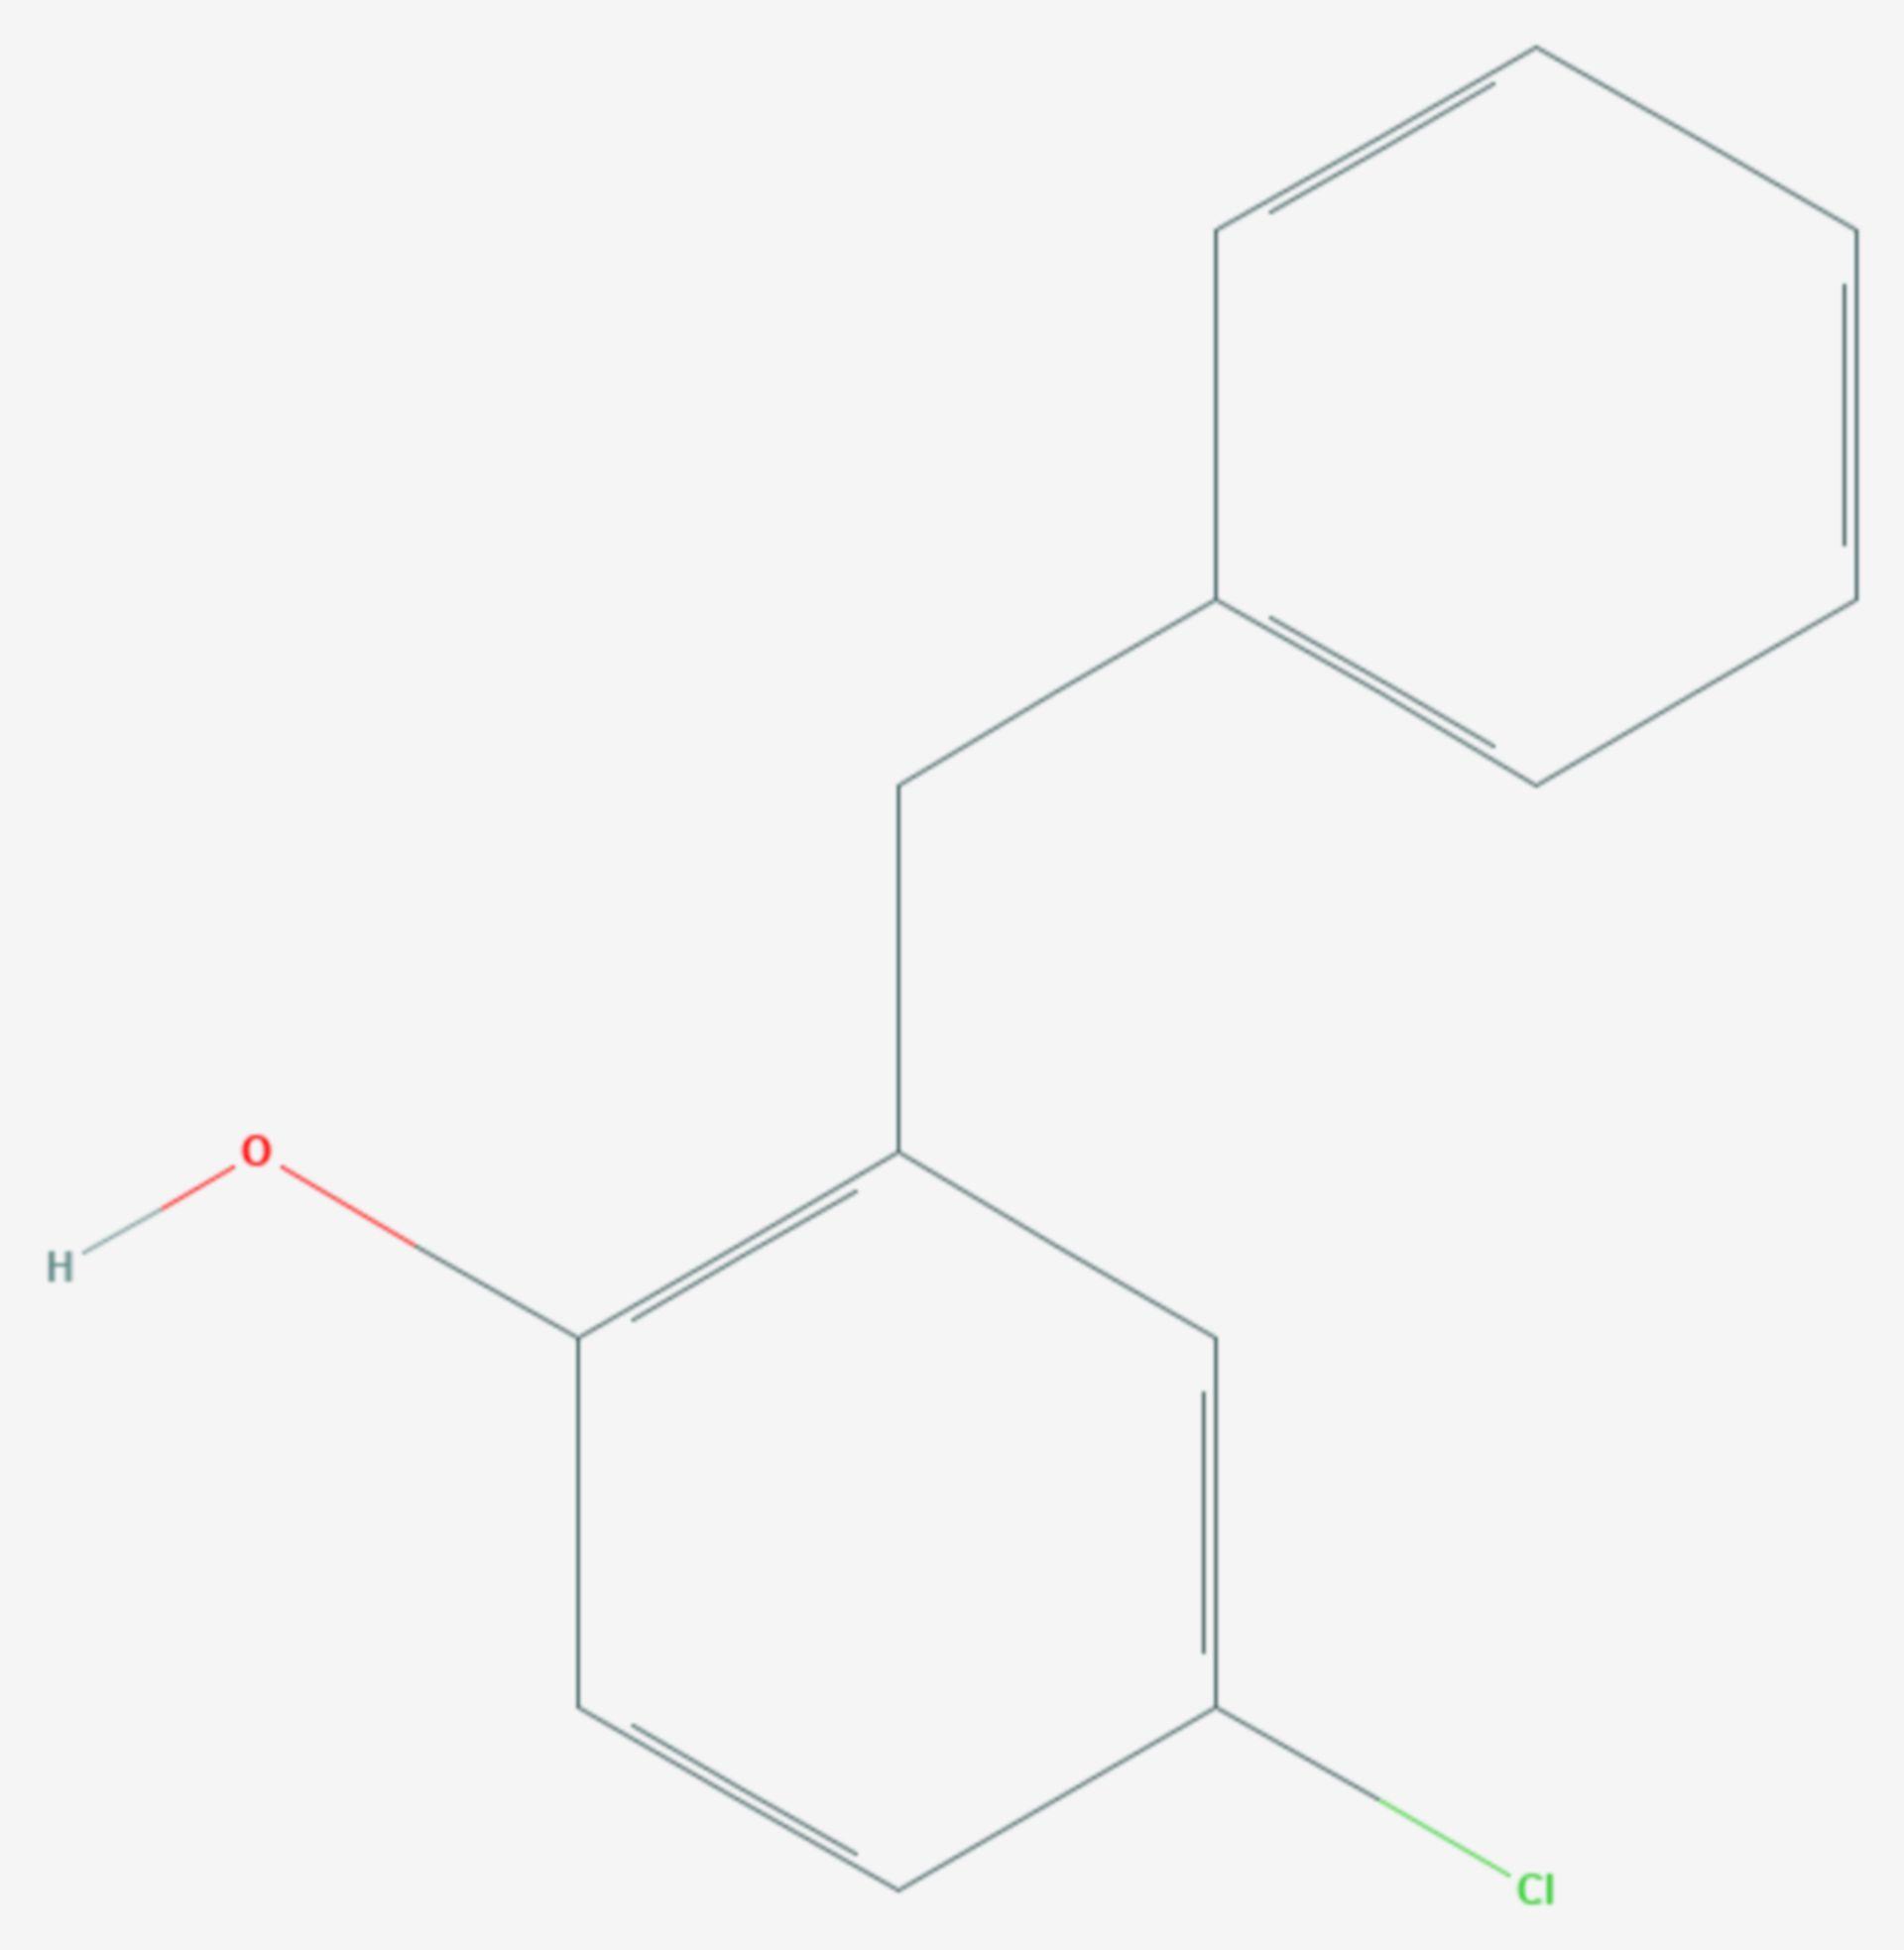 2-Benzyl-4-chlorphenol (Strukturformel)